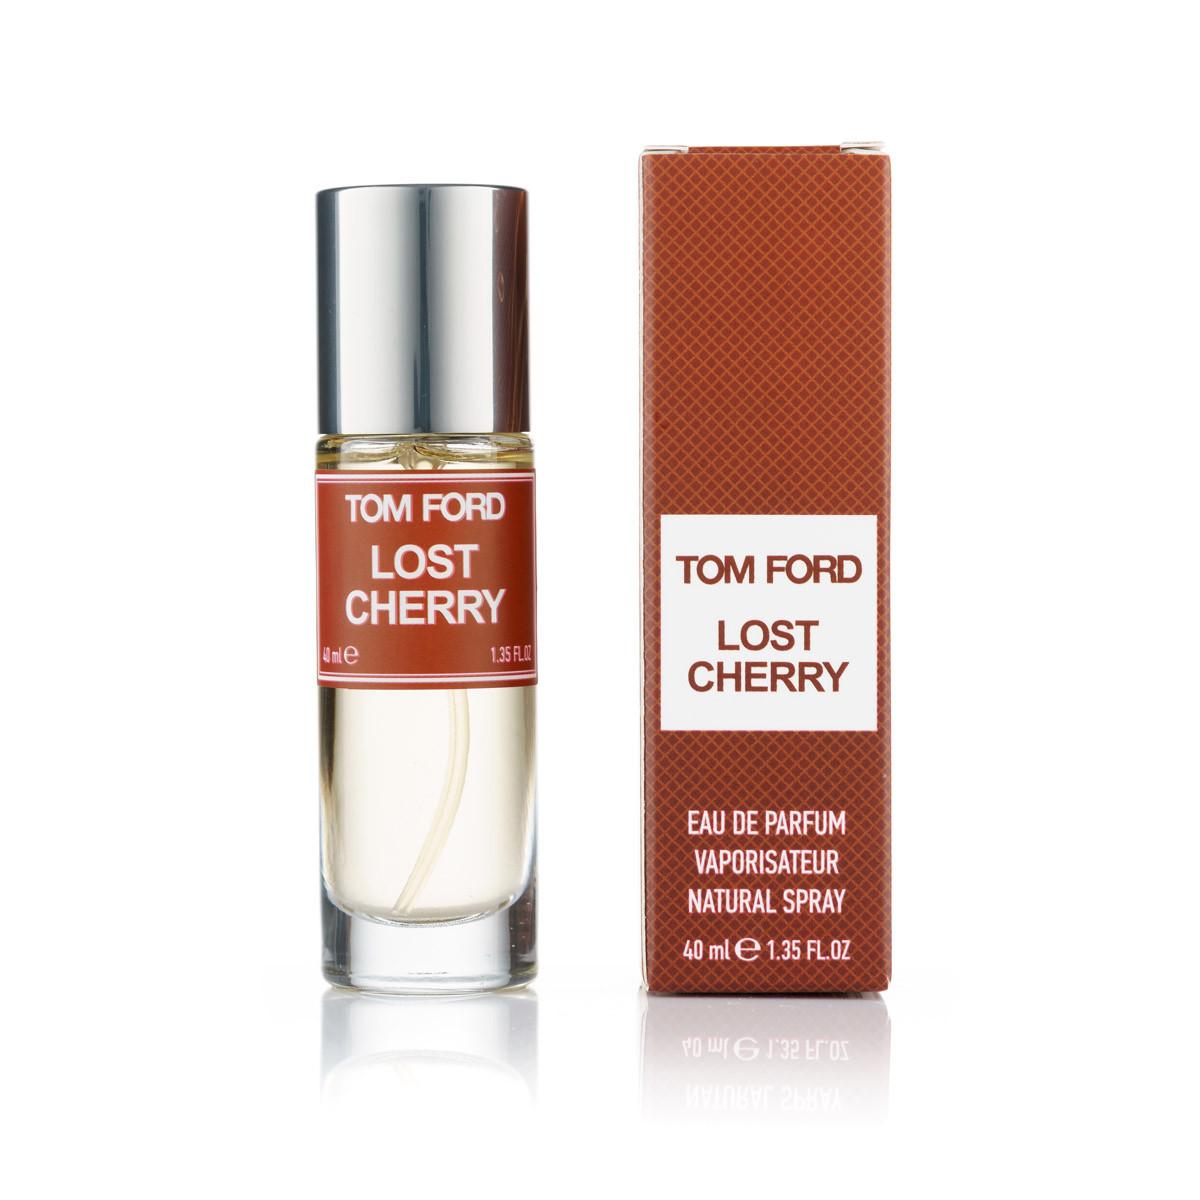 Унисекс мини парфюм Tom Ford Lost Cherry 40 Ml